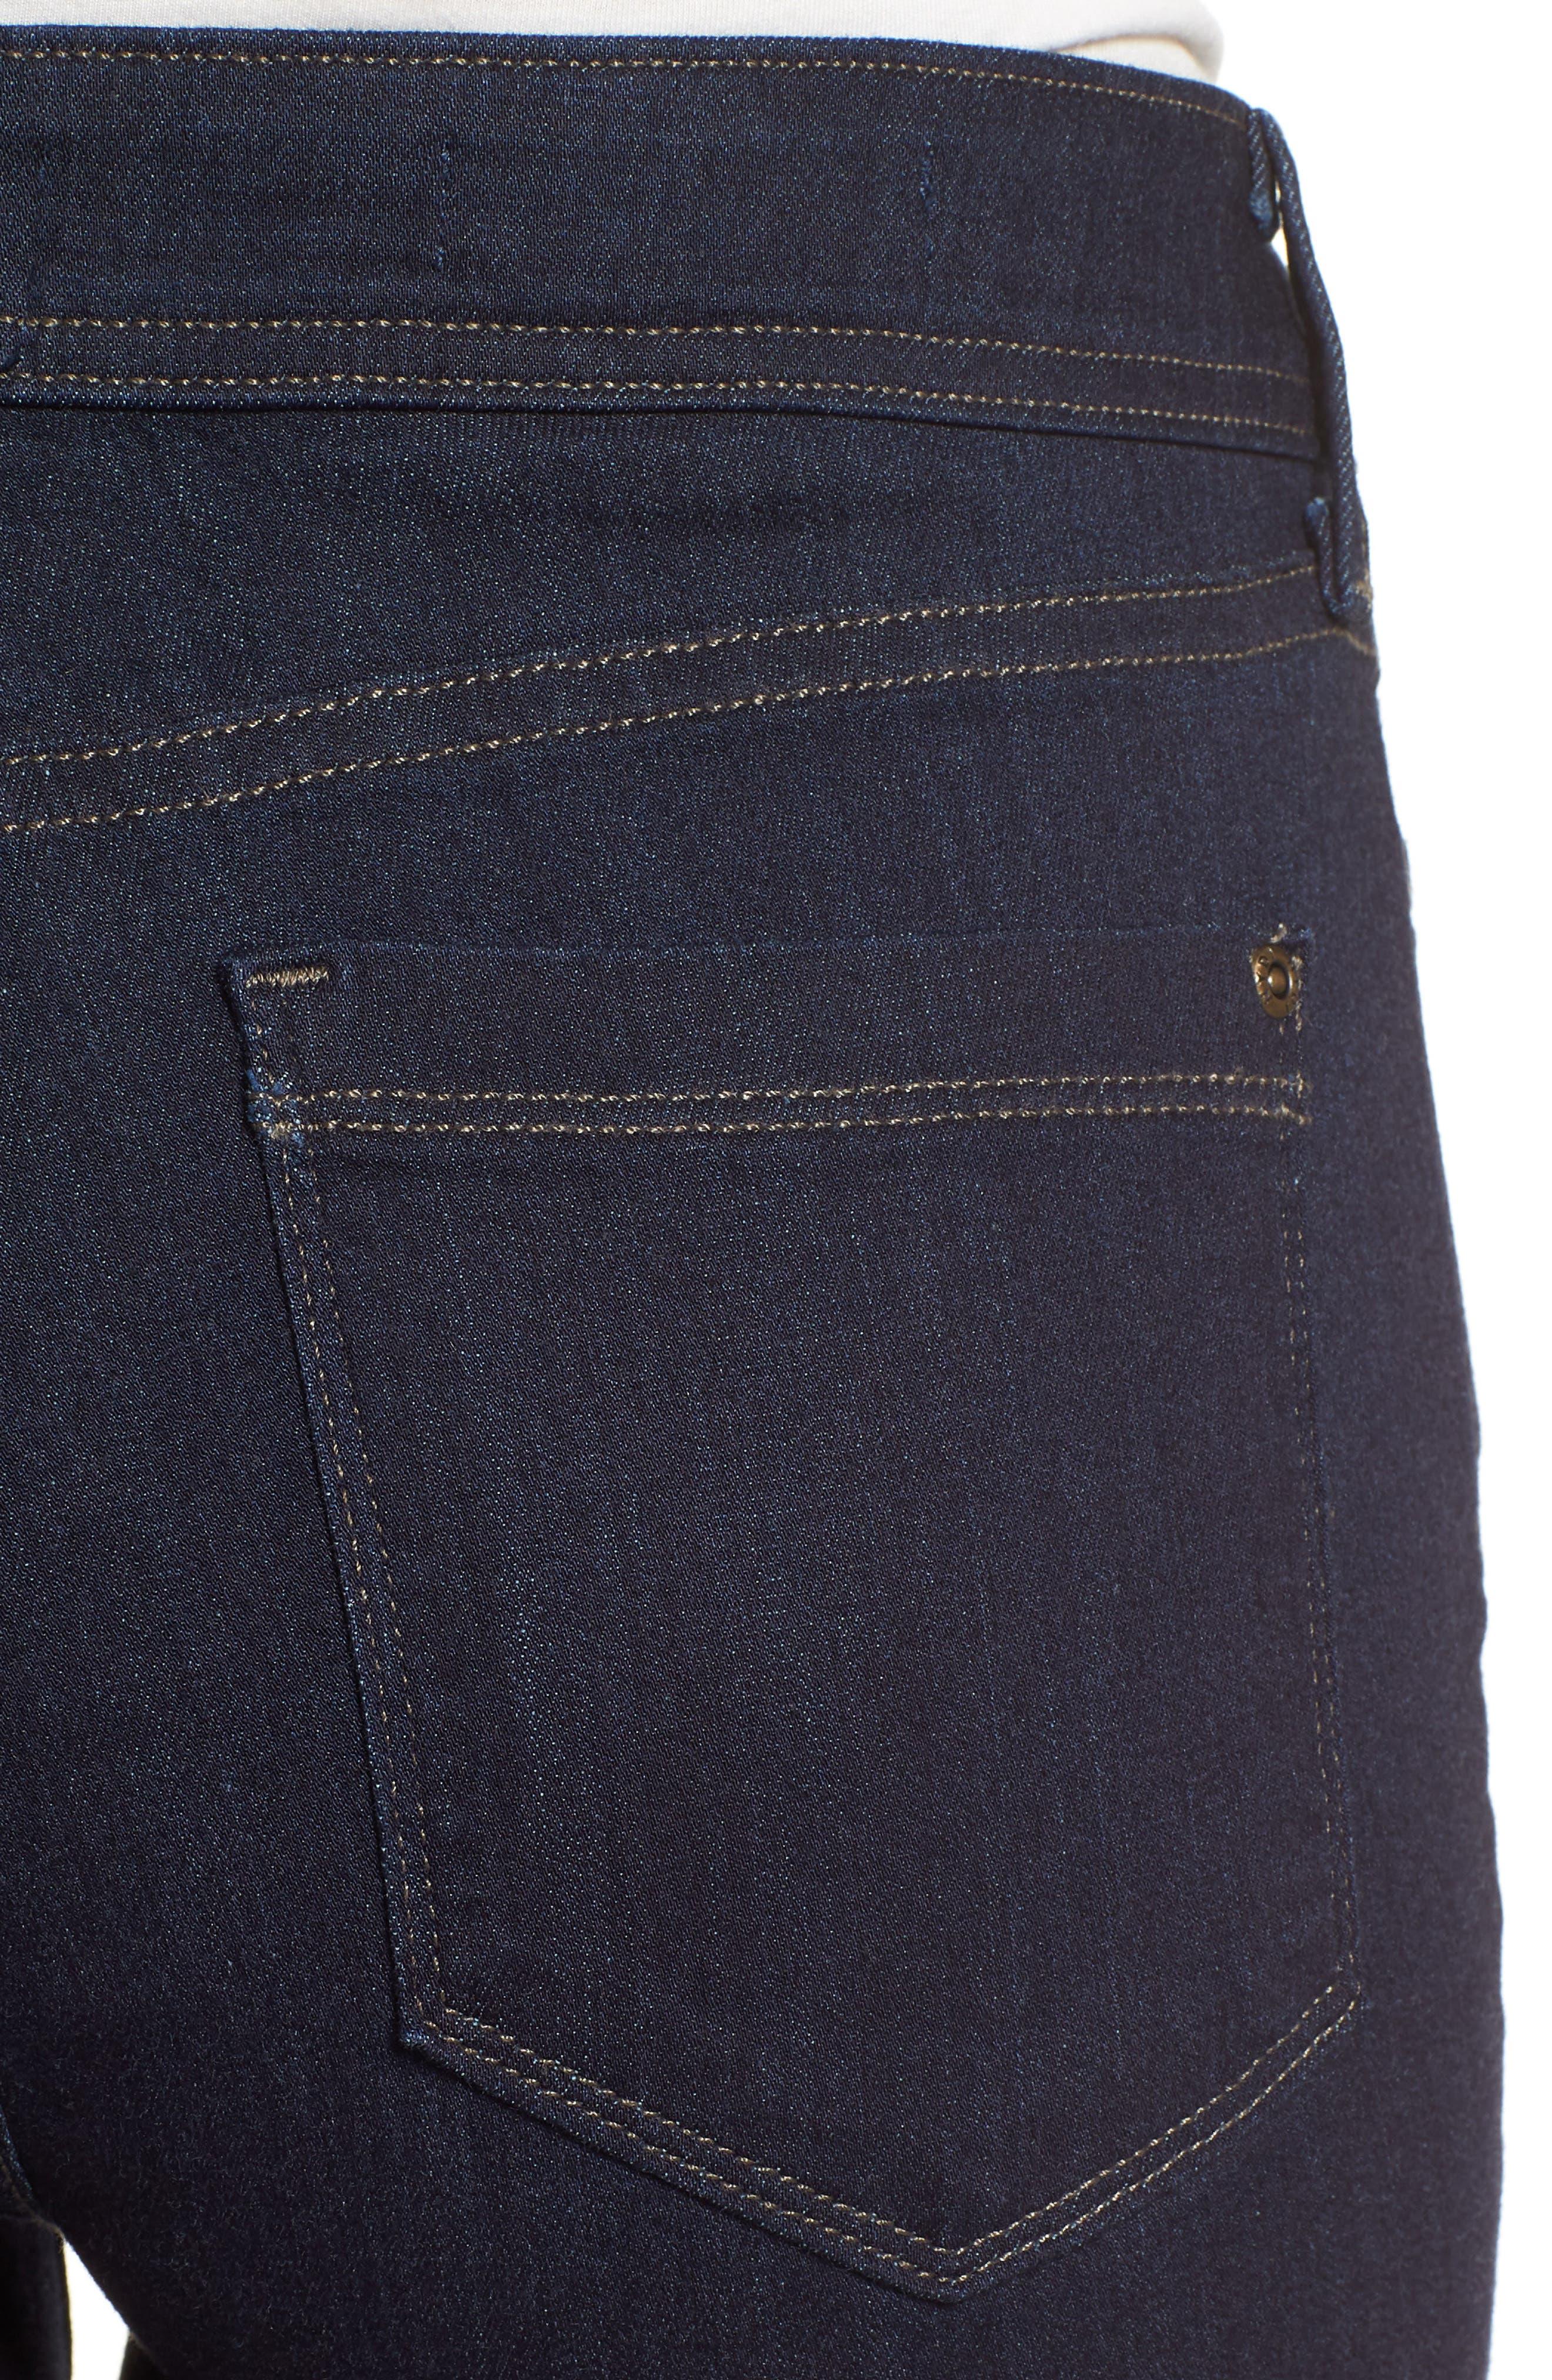 Billie Mini Bootcut Jeans,                             Alternate thumbnail 4, color,                             464